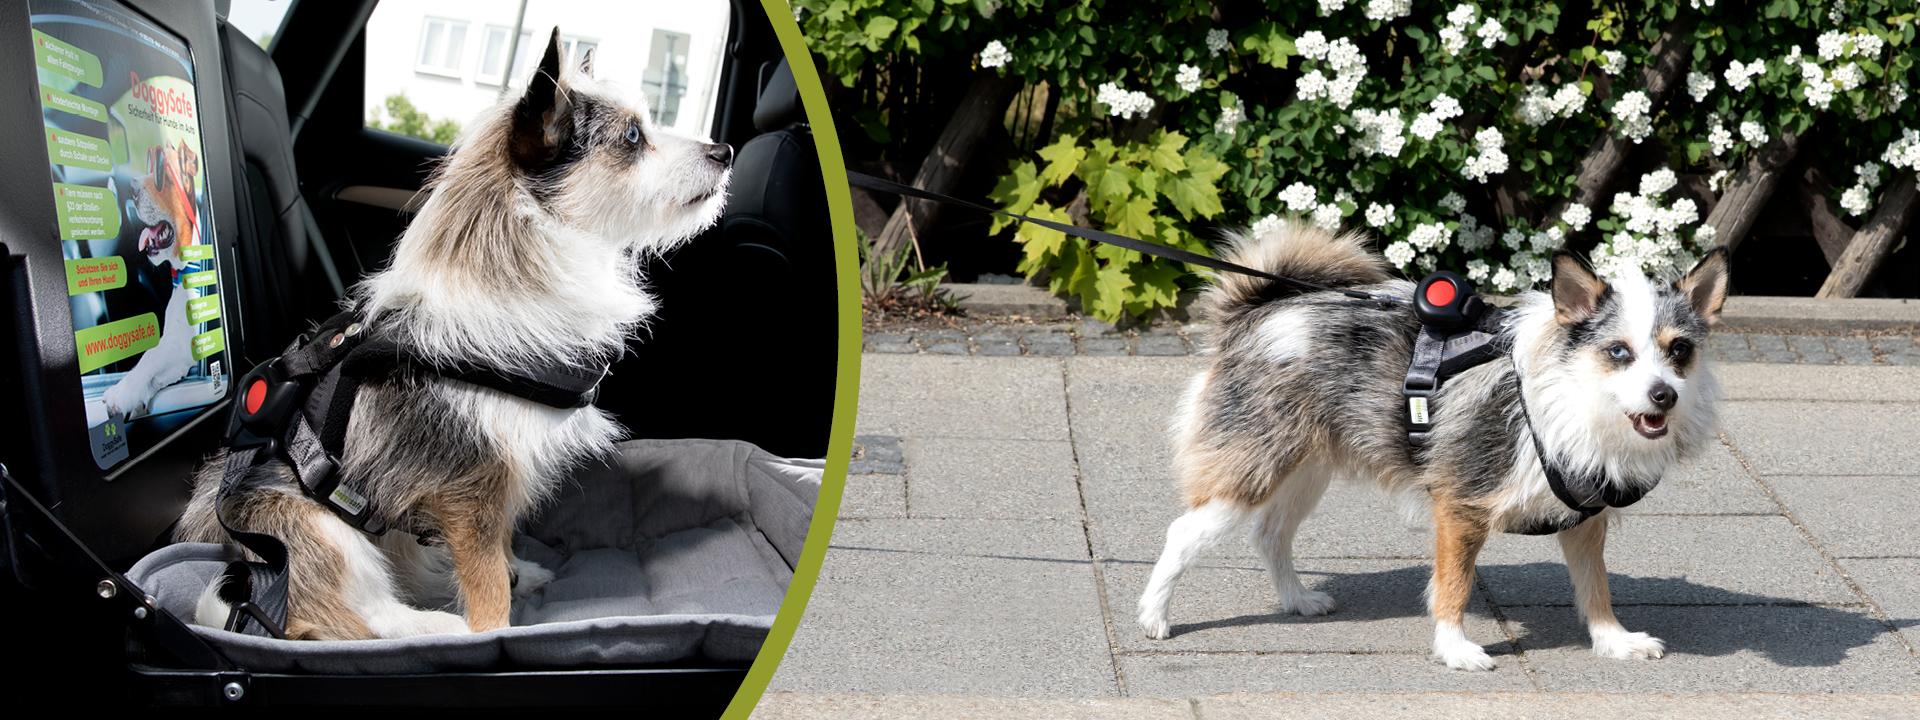 DoggySafe - Hundegeschirr und Autositz für kleine Hunde